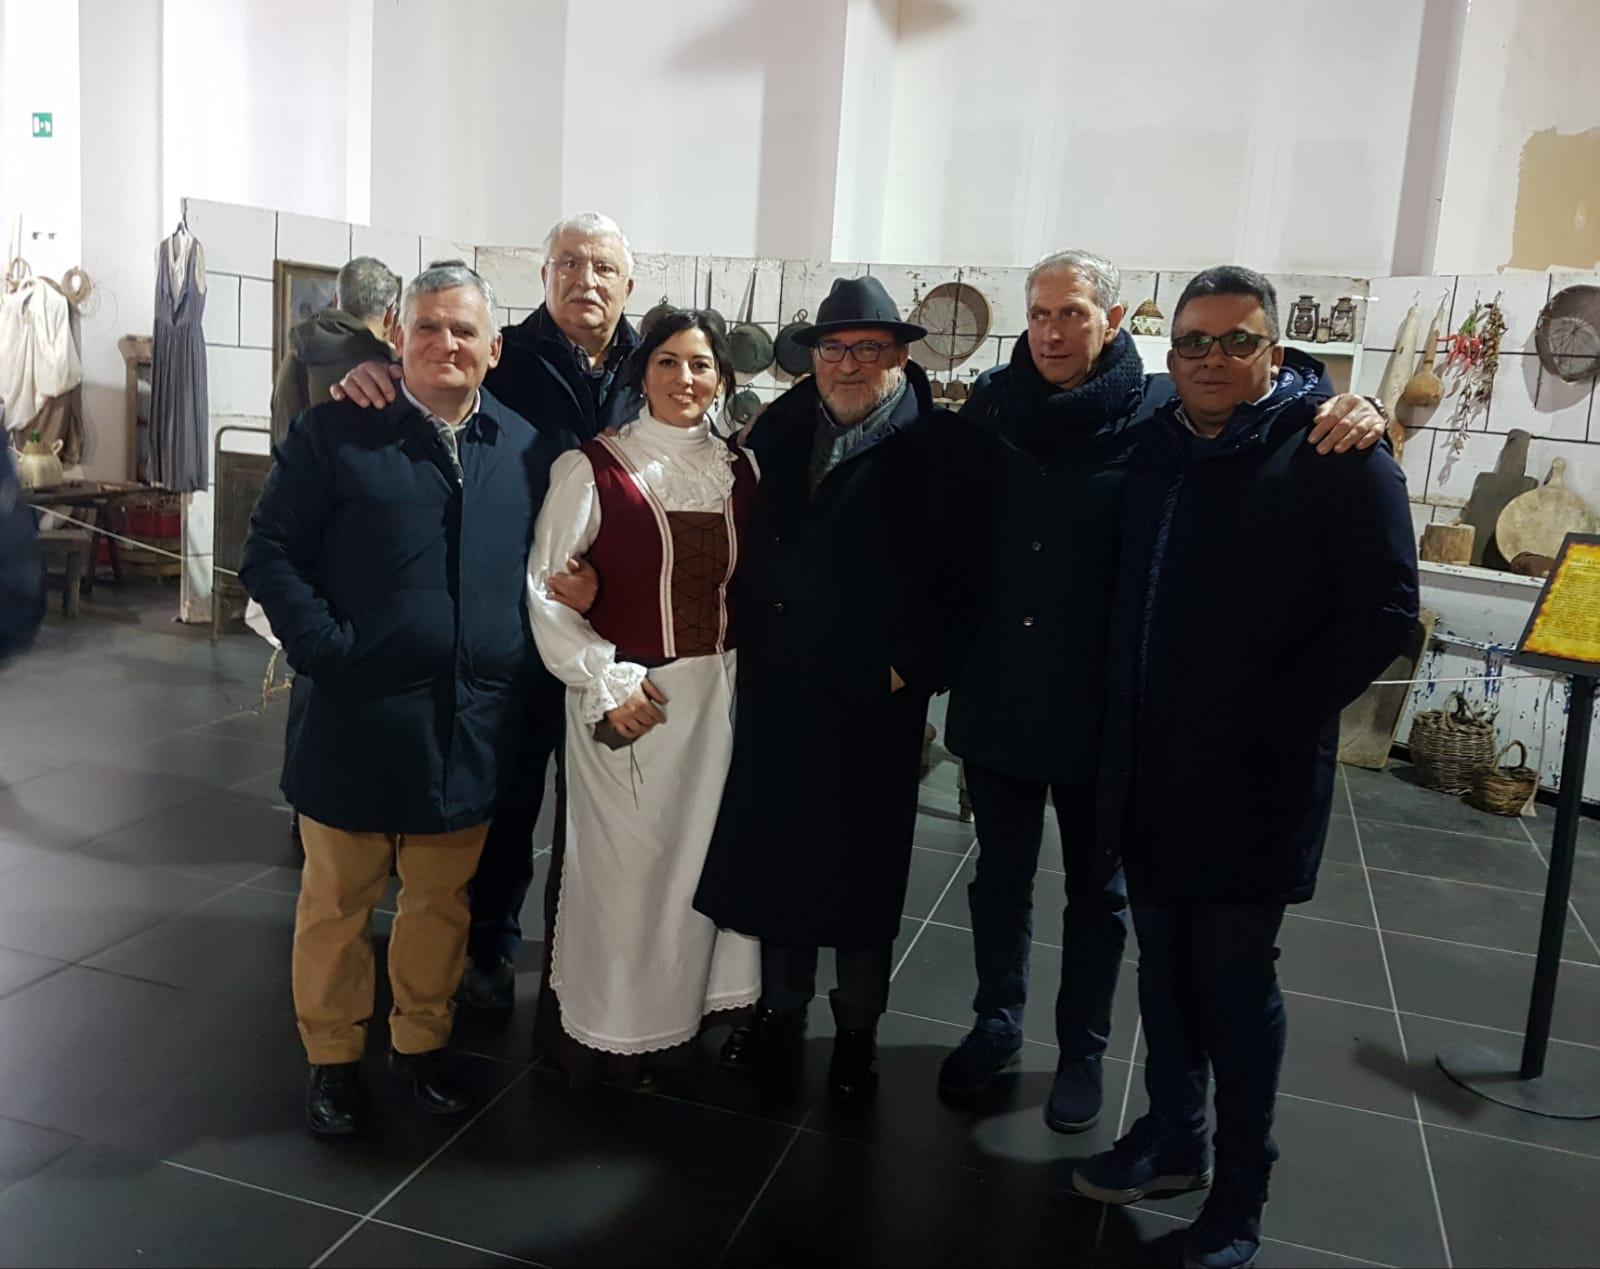 Piccirillo-Rocco e Marianna Villecco-Massimo Del Mese-Enzo Consalvo-Santo Fido